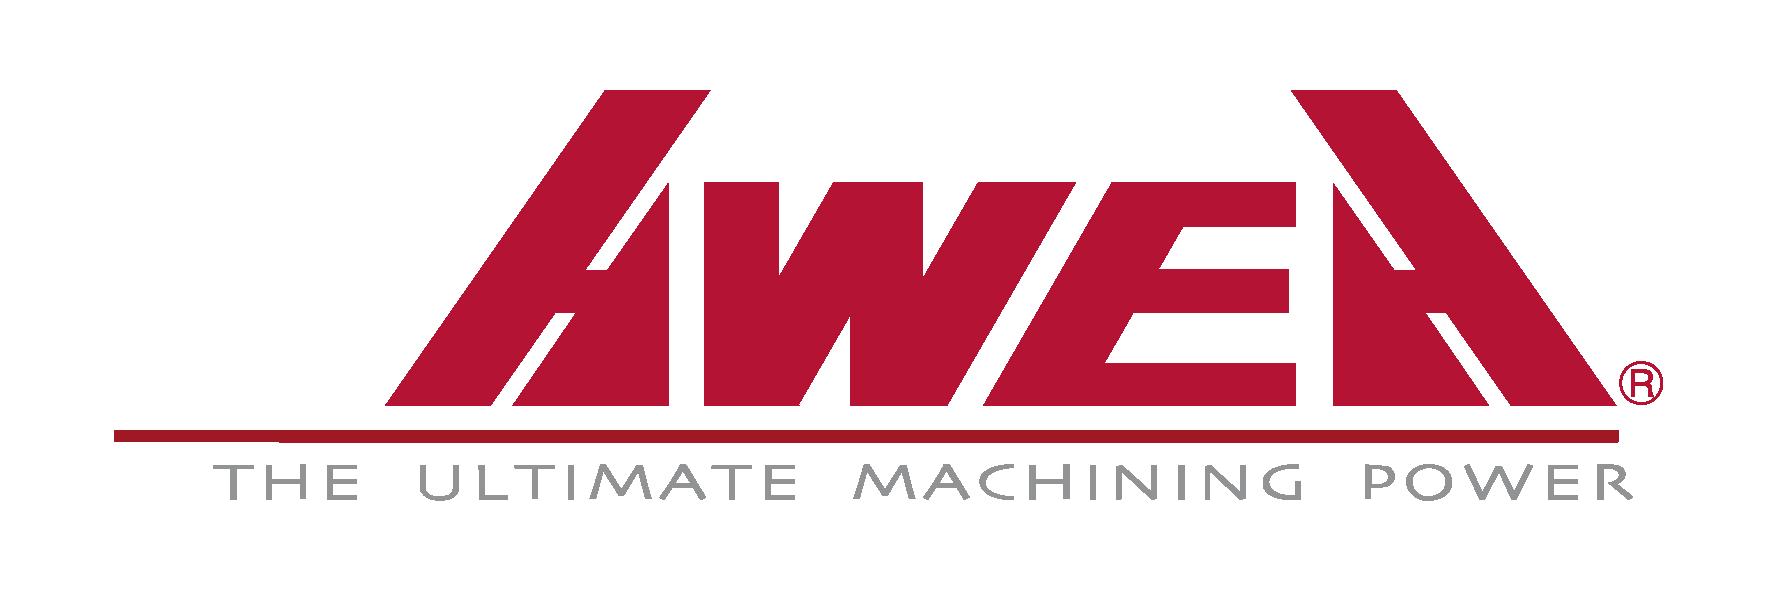 AWEA MECHANTRONIC CO., LTD.